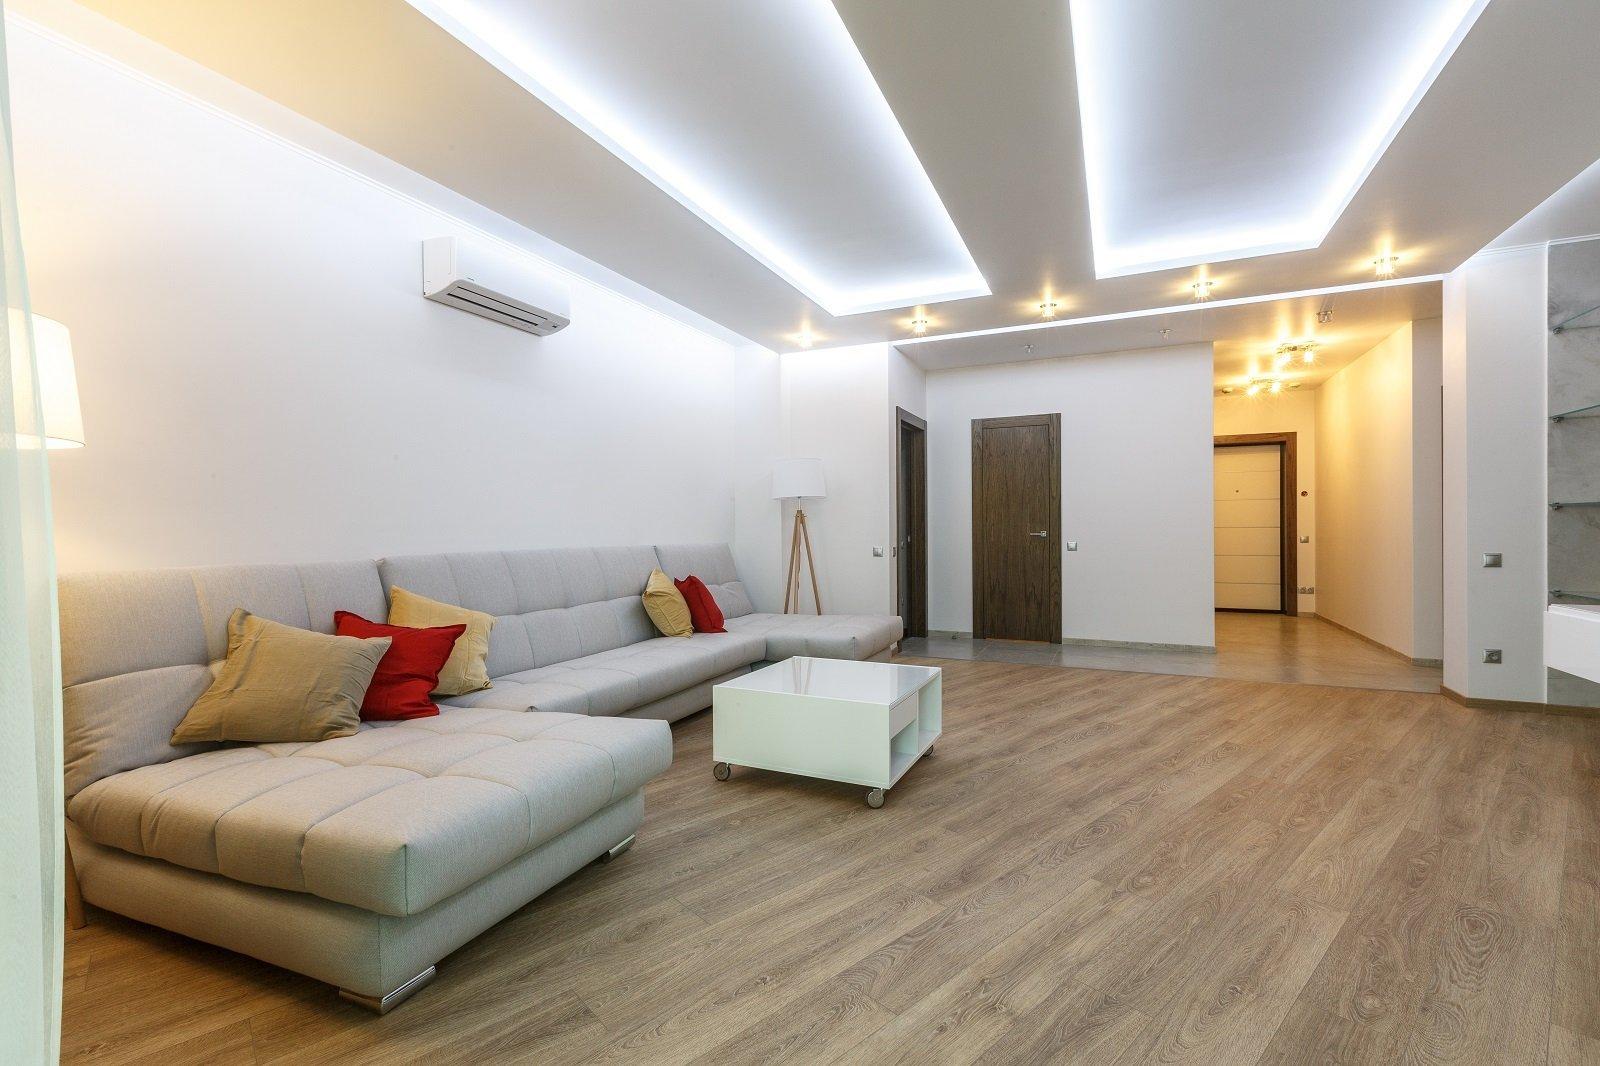 una sala con pavimento in legno chiaro